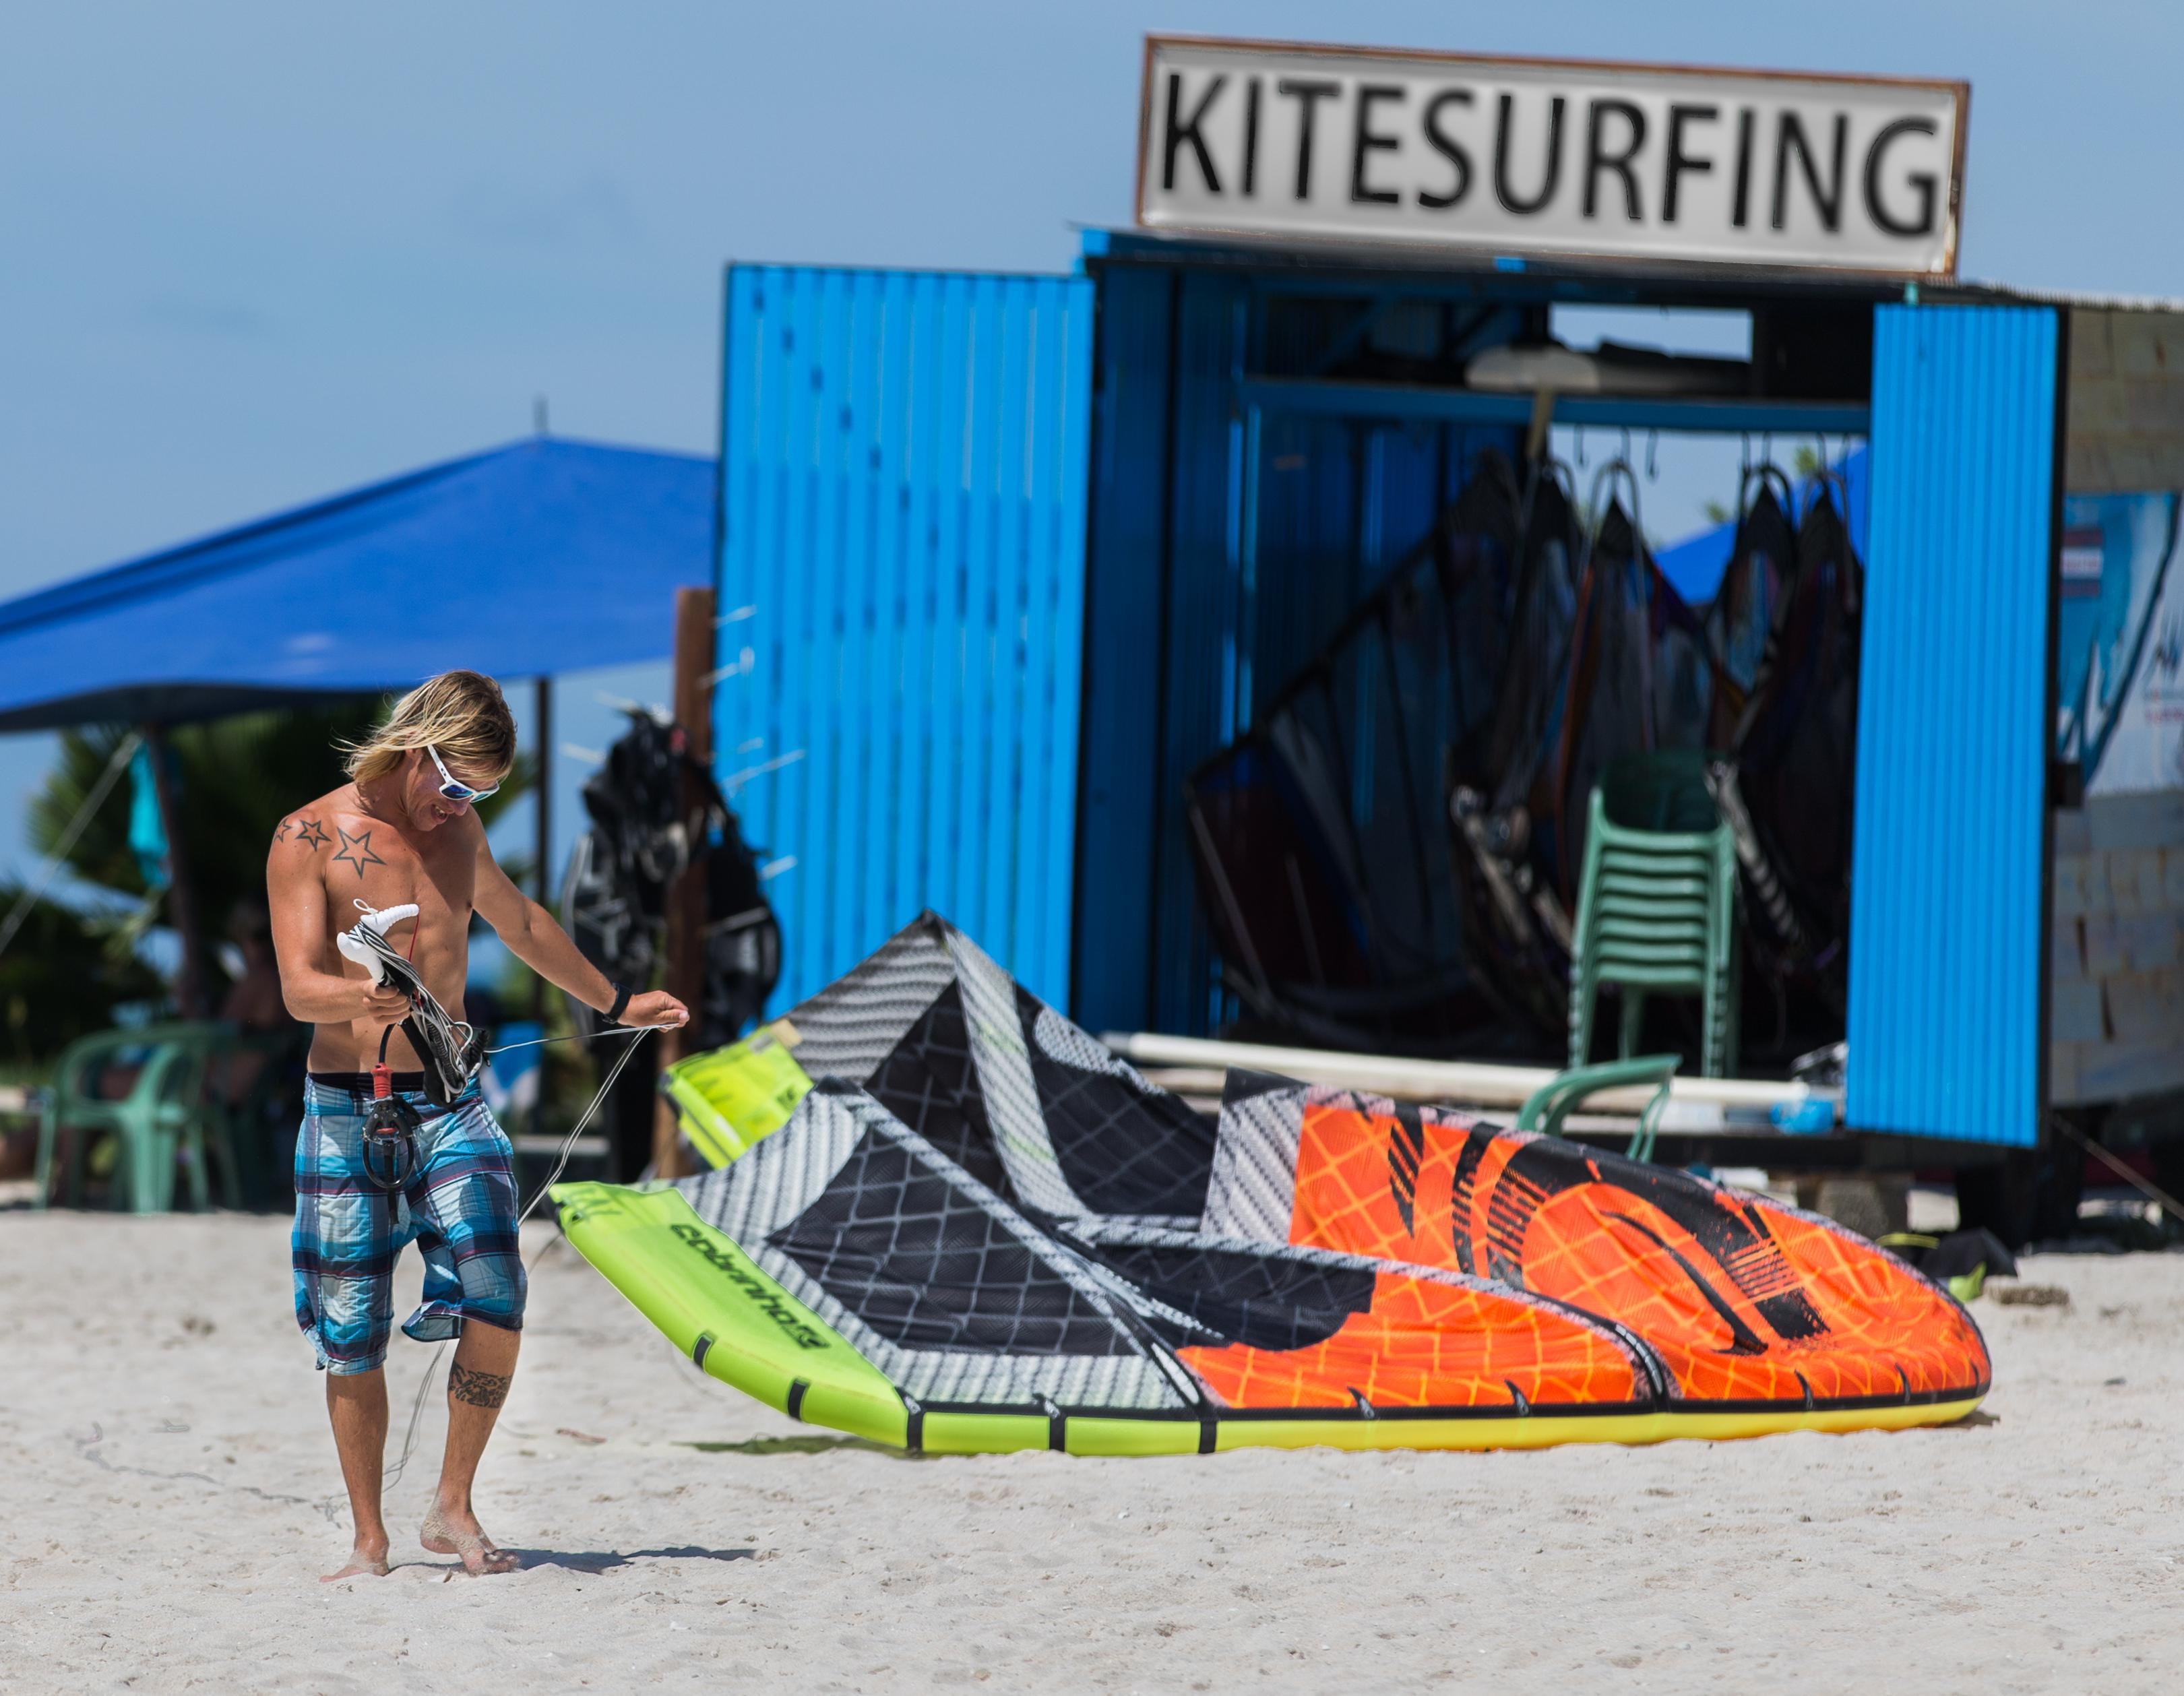 Kitesurfing on an Aruba Beach